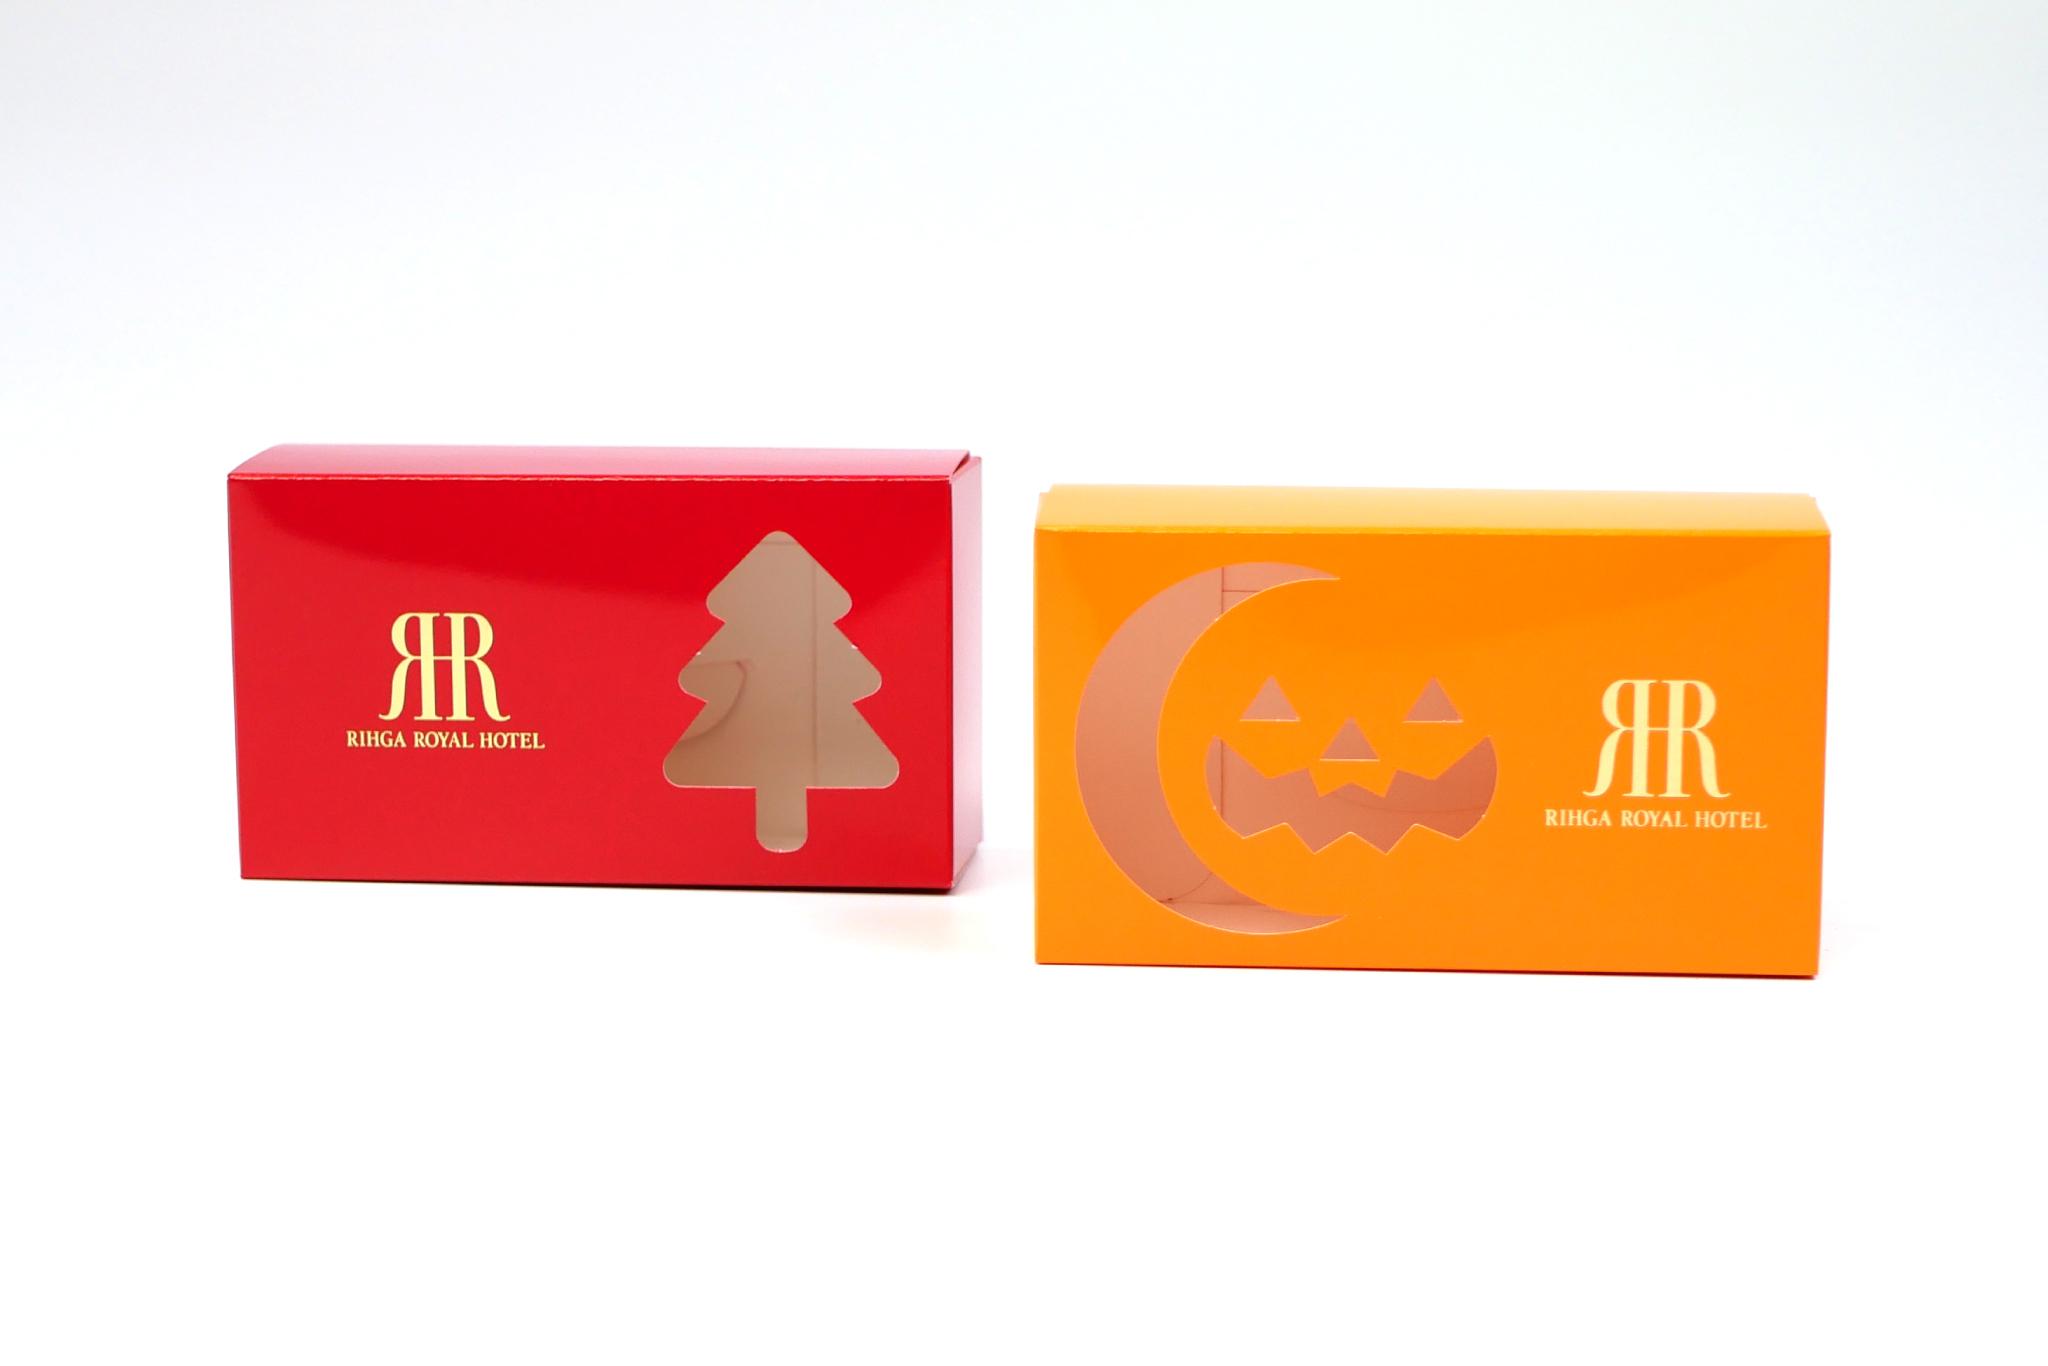 リーガロイヤルホテル様 ハロウィンクッキー、クリスマスクッキーのパッケージ写真です